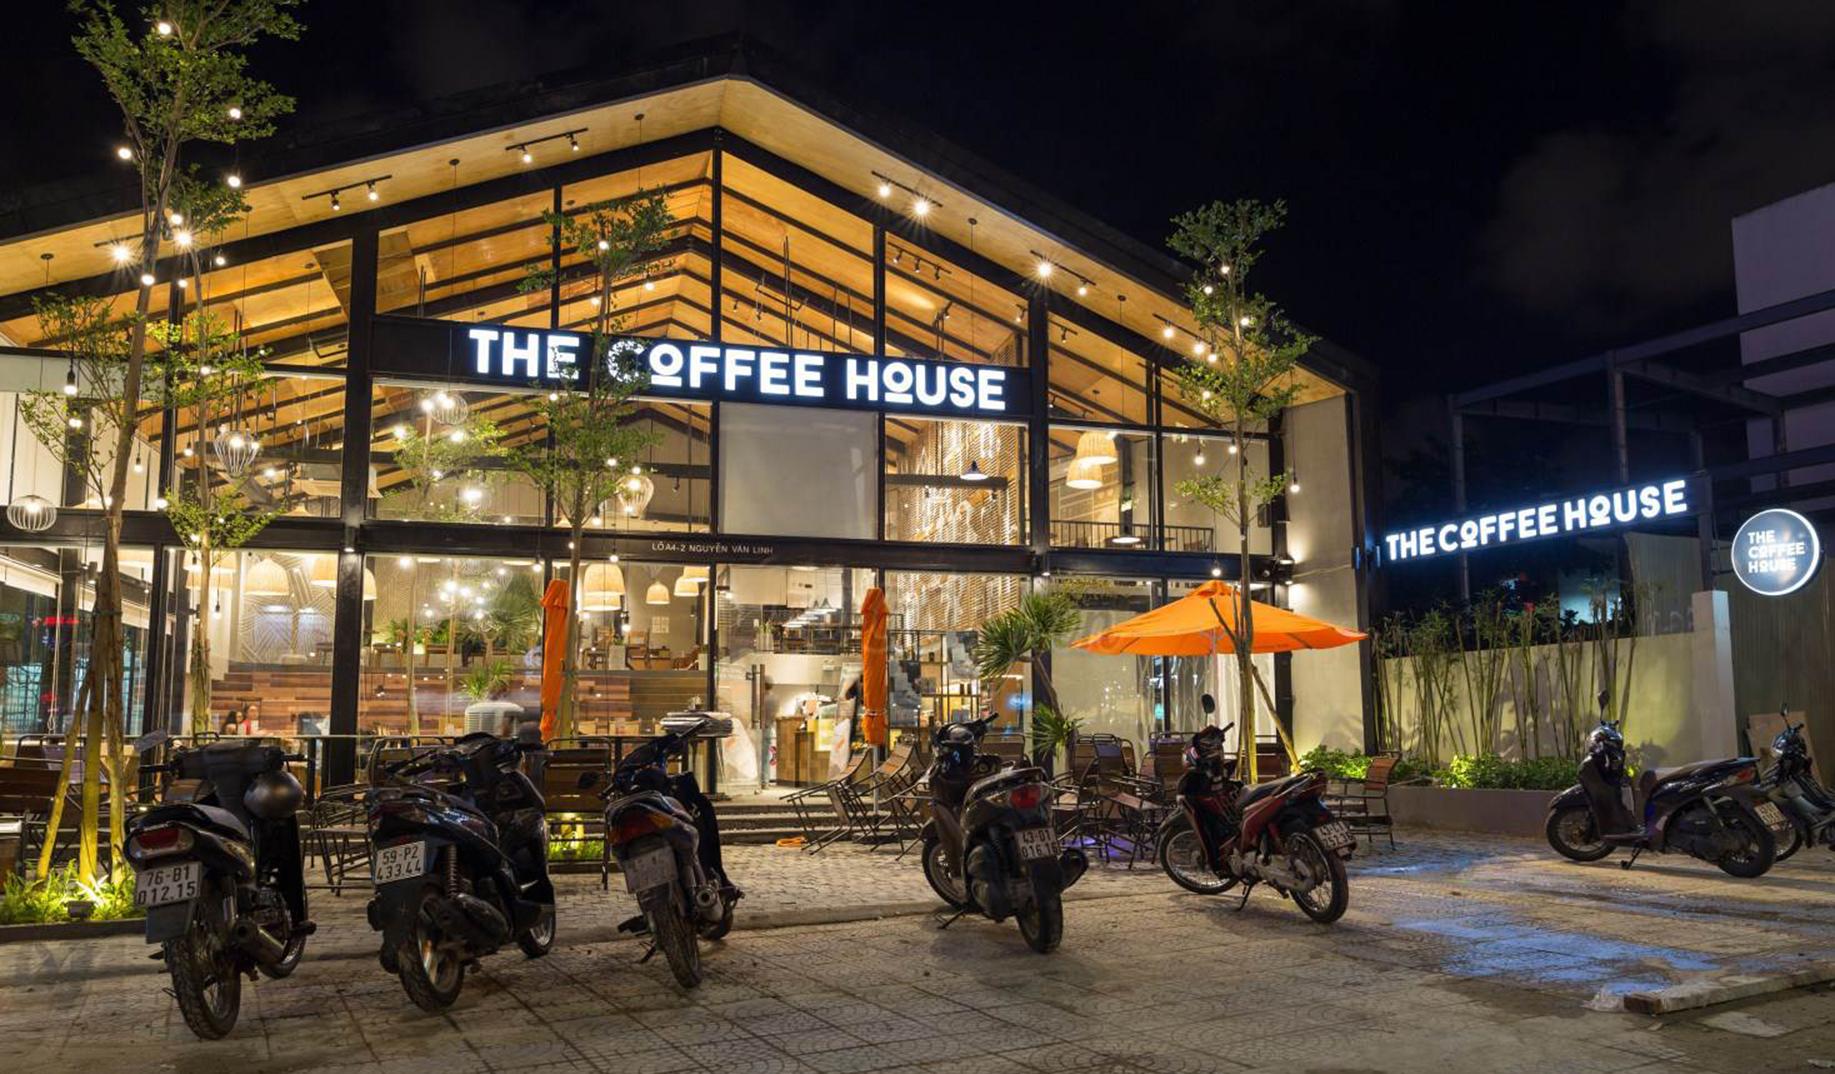 'Cánh én' The Coffee House và nỗ lực 'làm nên mùa xuân' thay đổi định kiến cà phê Việt là sản phẩm chất lượng thấp, giá rẻ